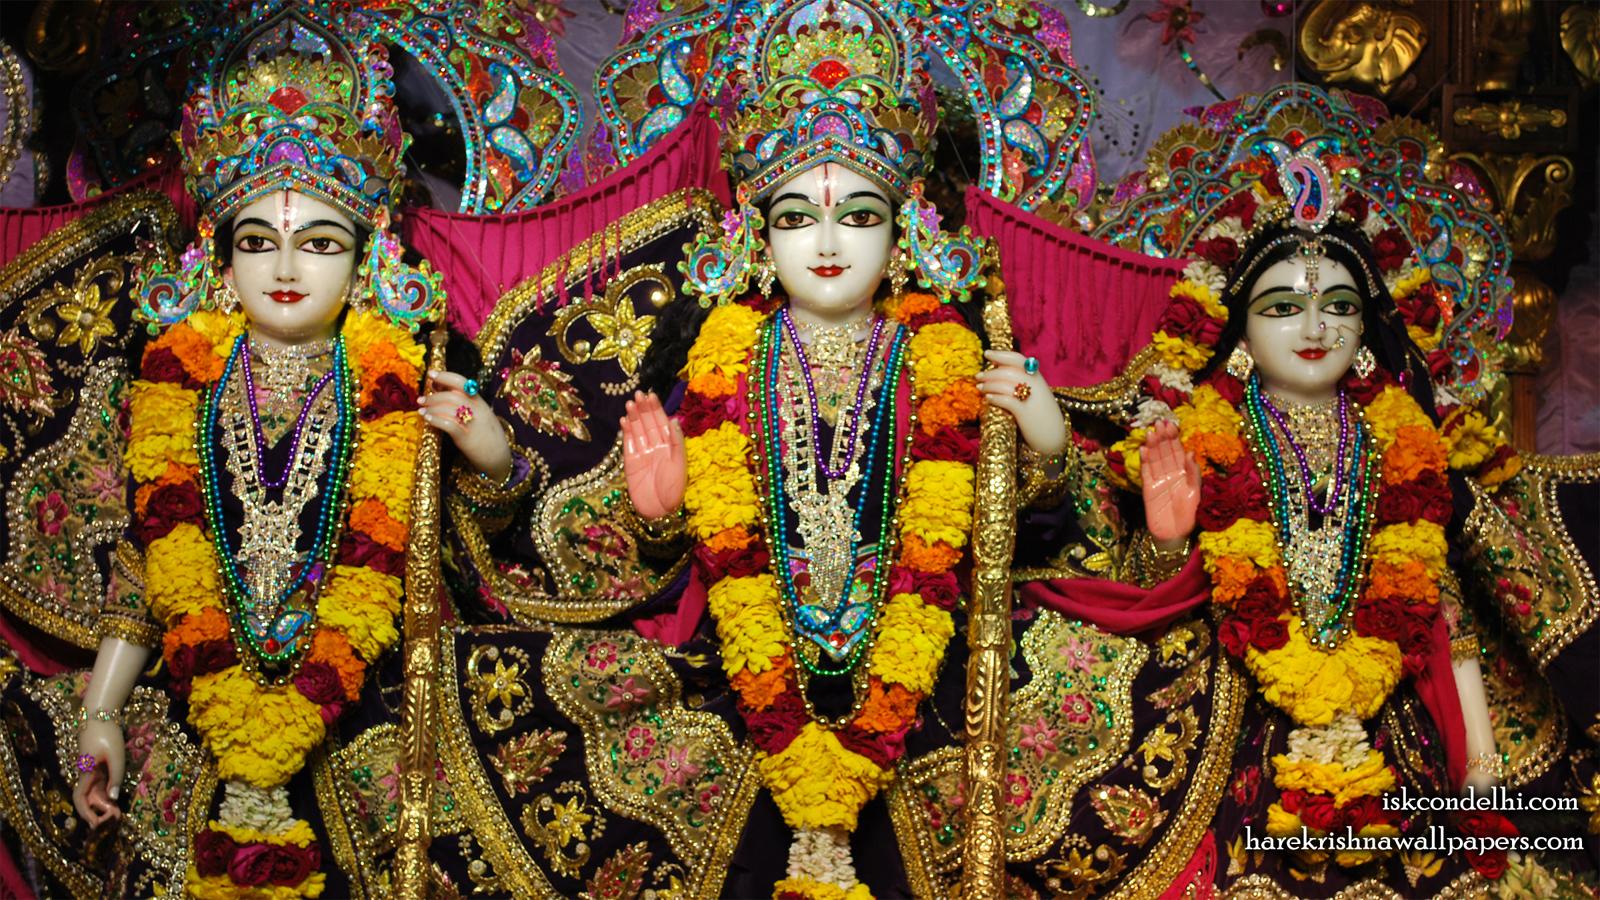 Sri Sri Sita Rama Laxman Wallpaper (002) Size 1600x900 Download